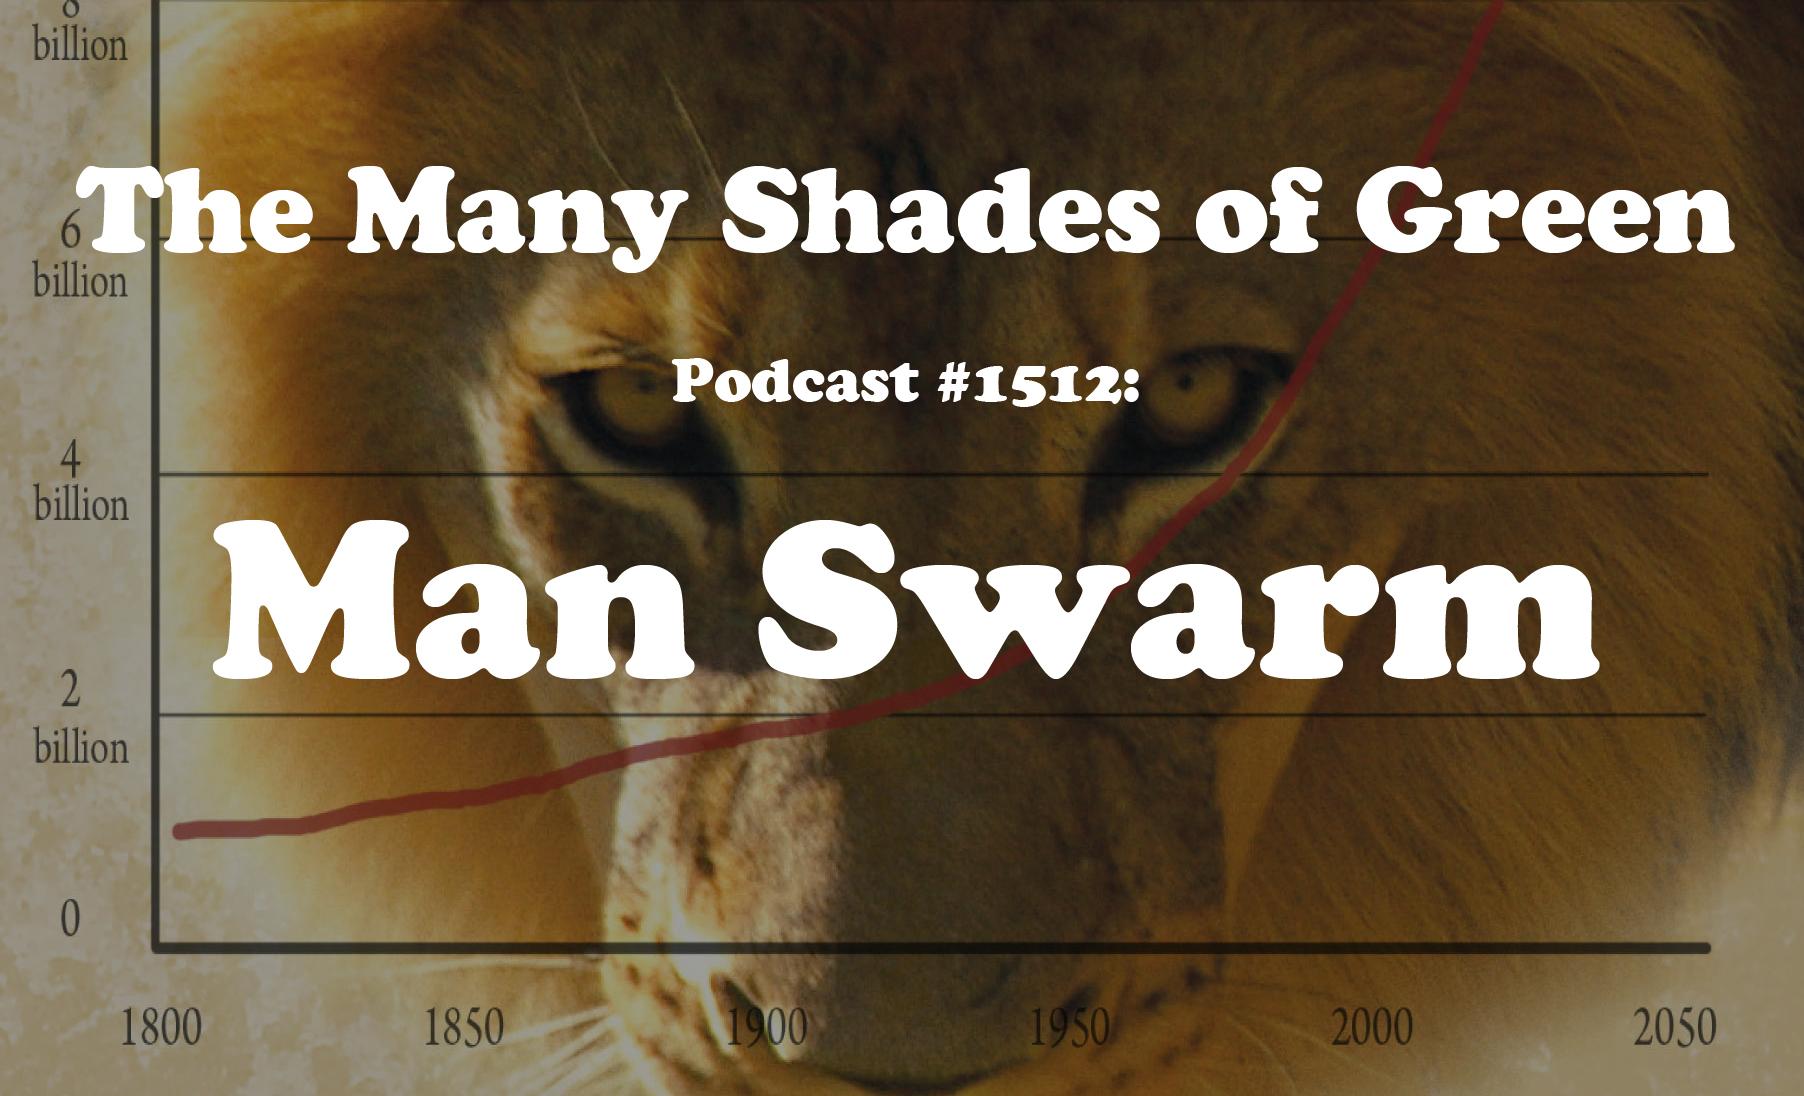 #1512: Man Swarm